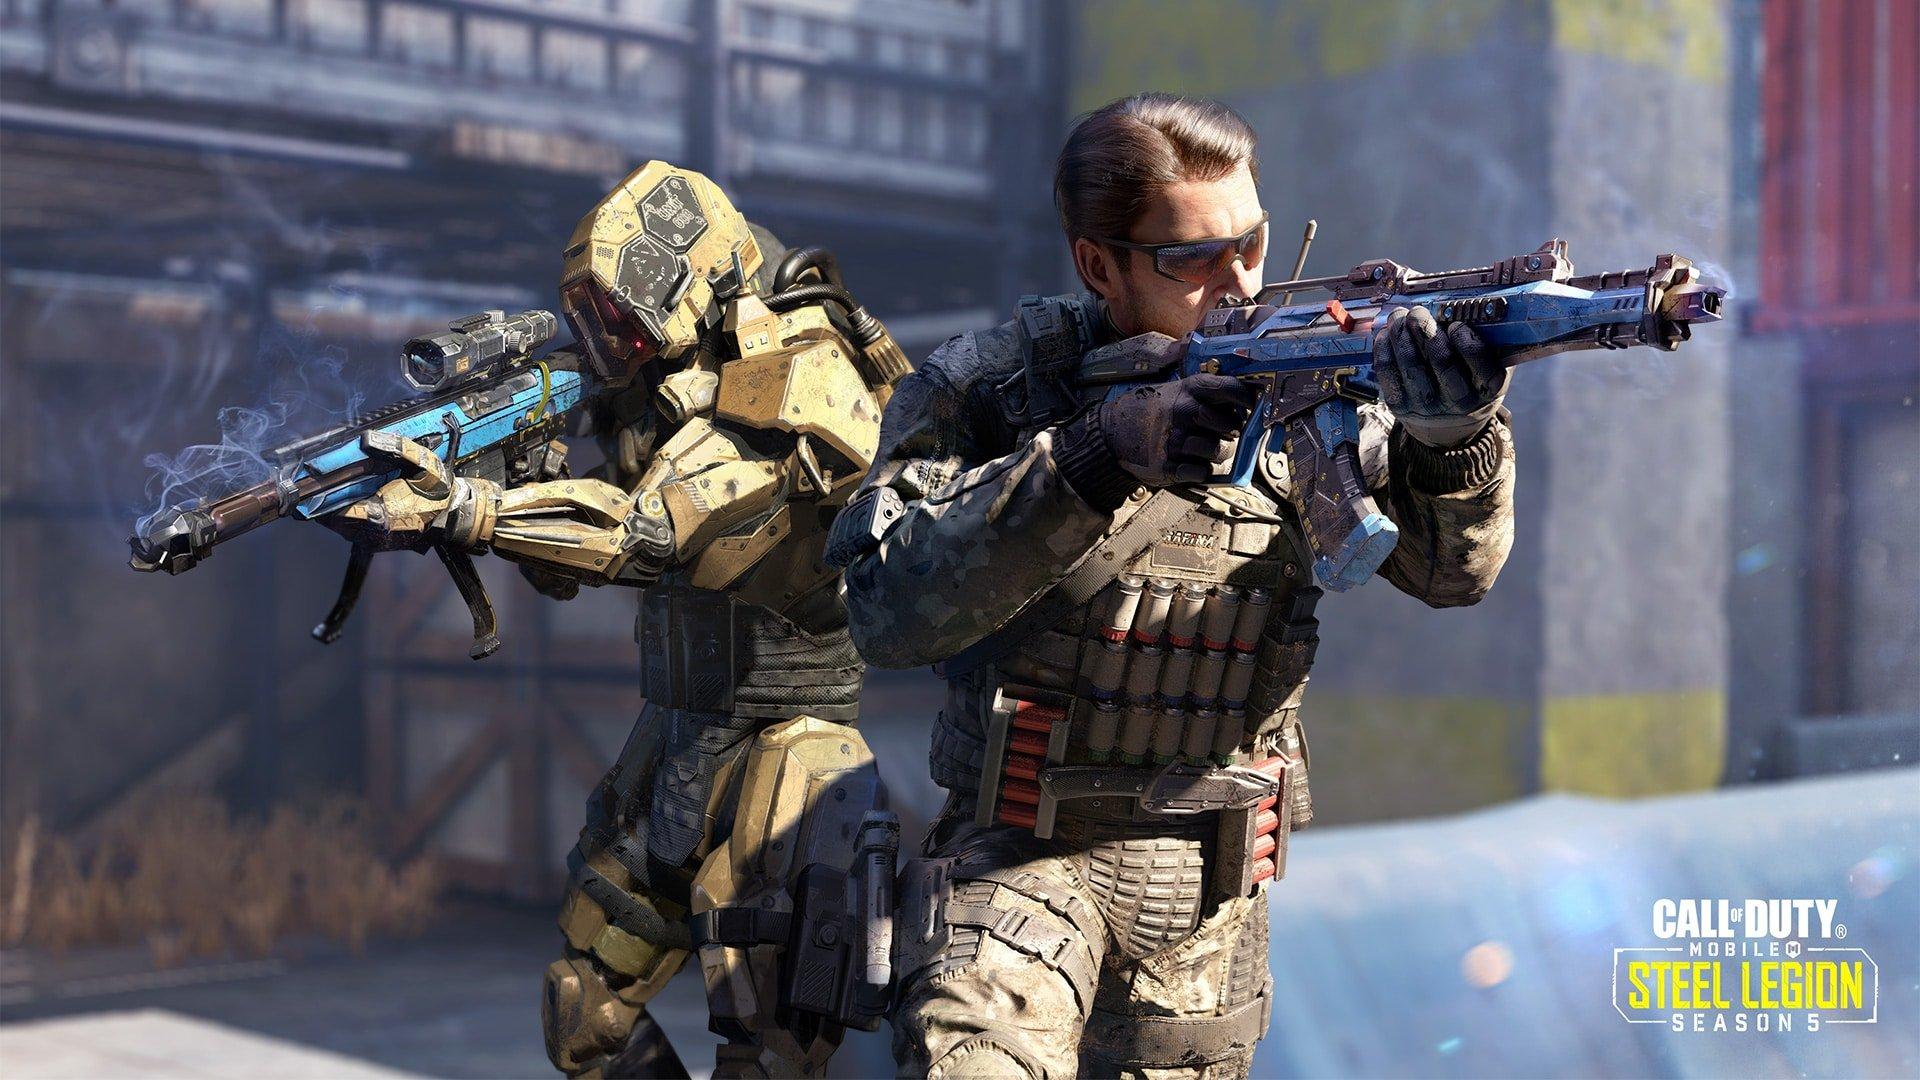 Jogos: Call of Duty: Mobile recebe sua 5ª temporada